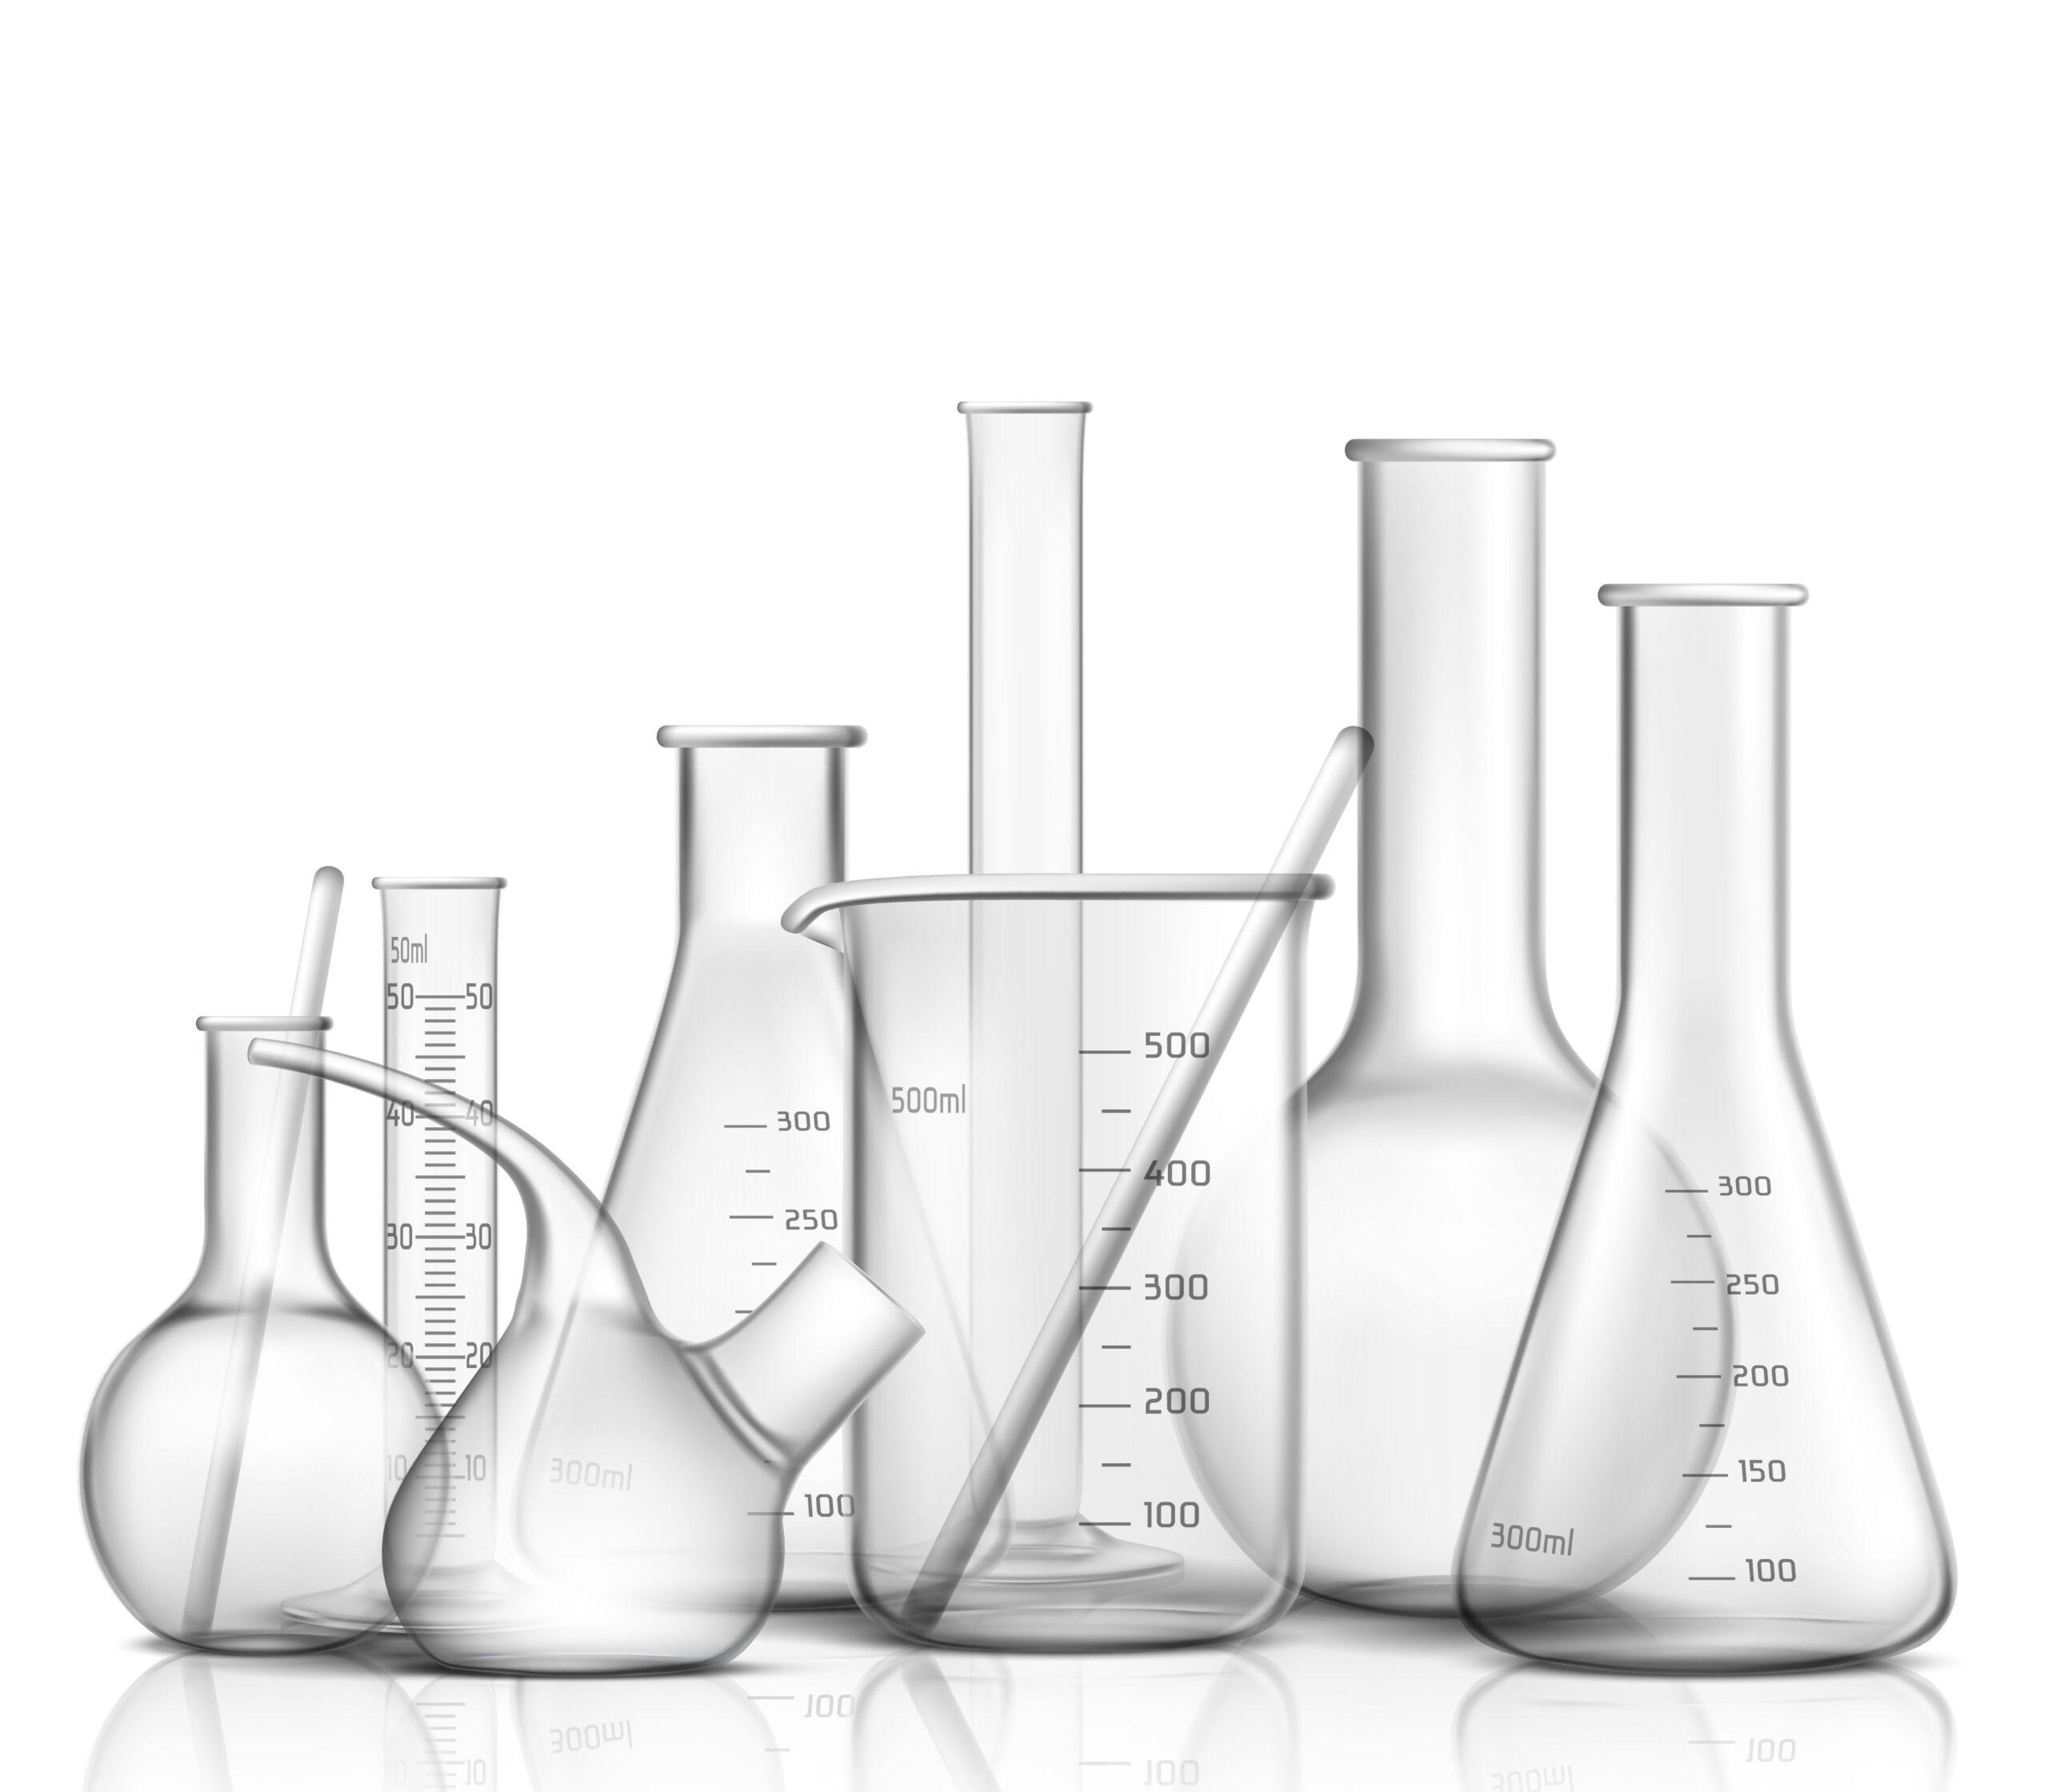 laboratorni vybaveni